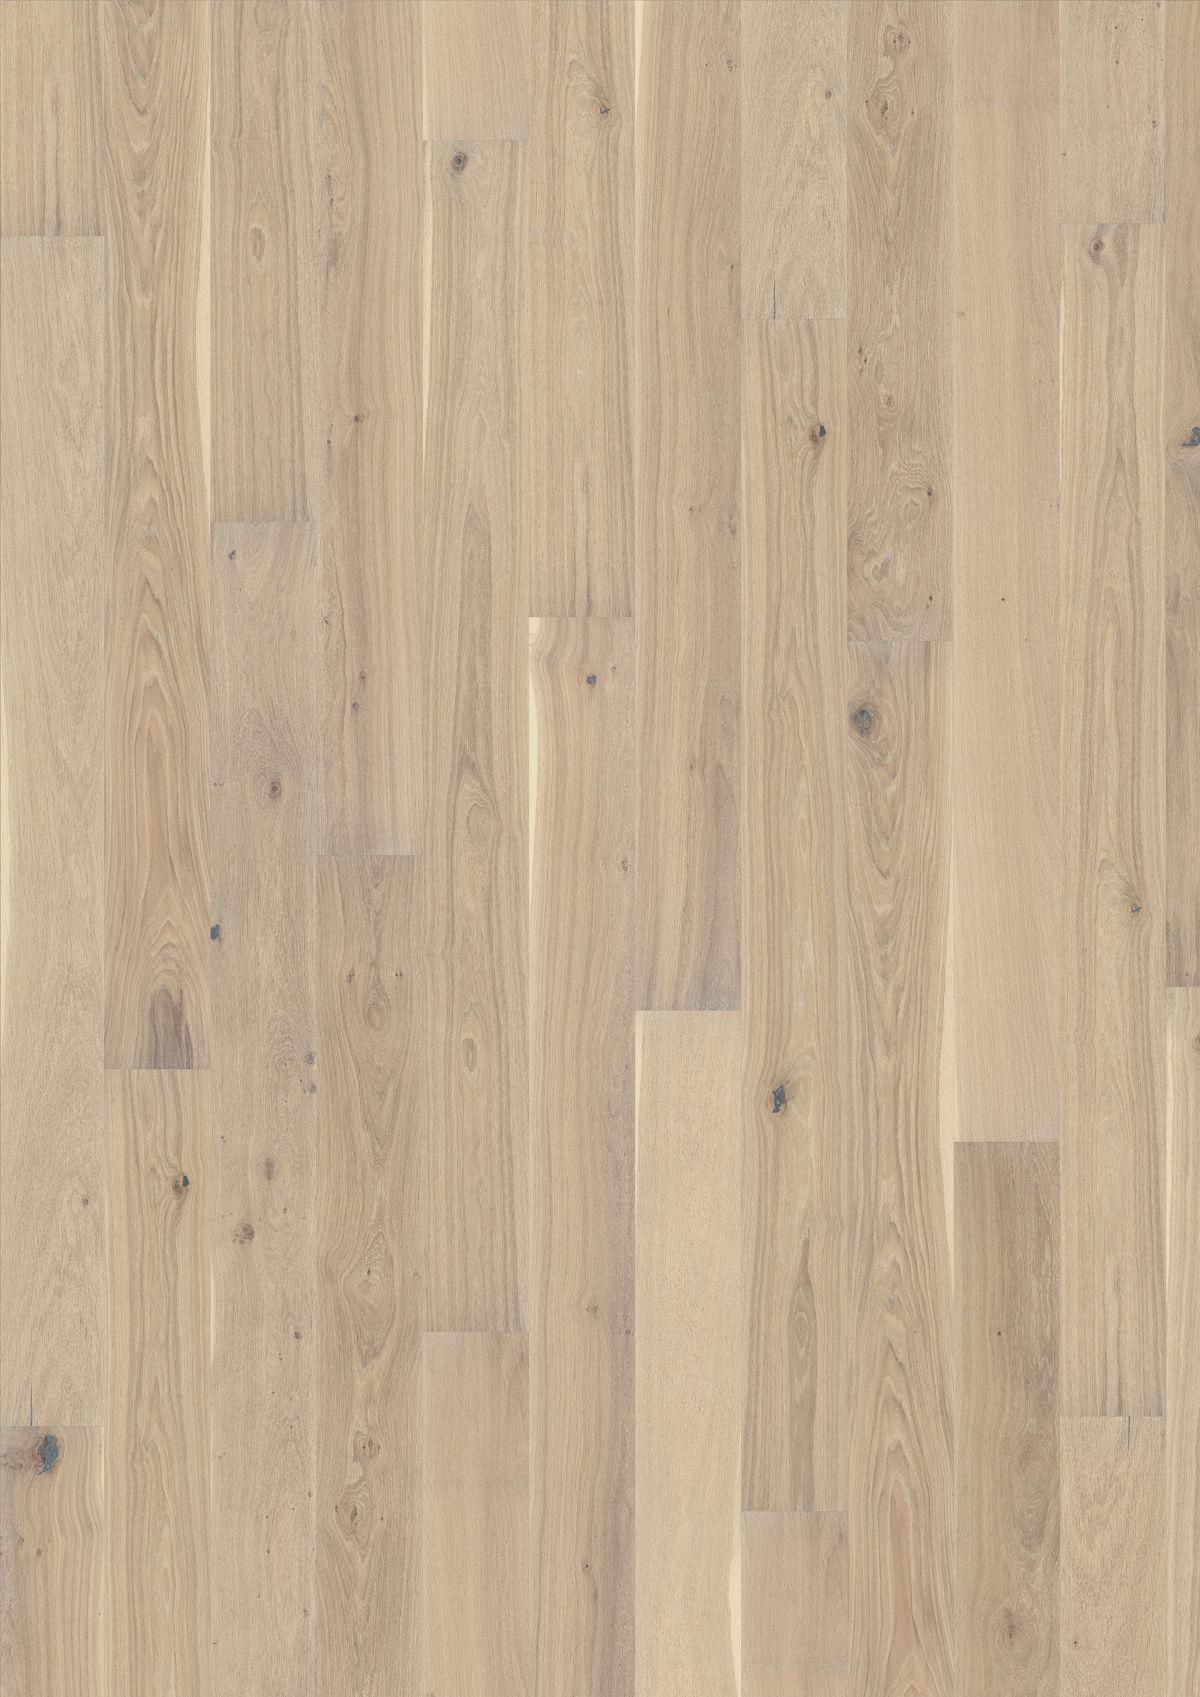 Laminate Wood Flooring Over Carpet